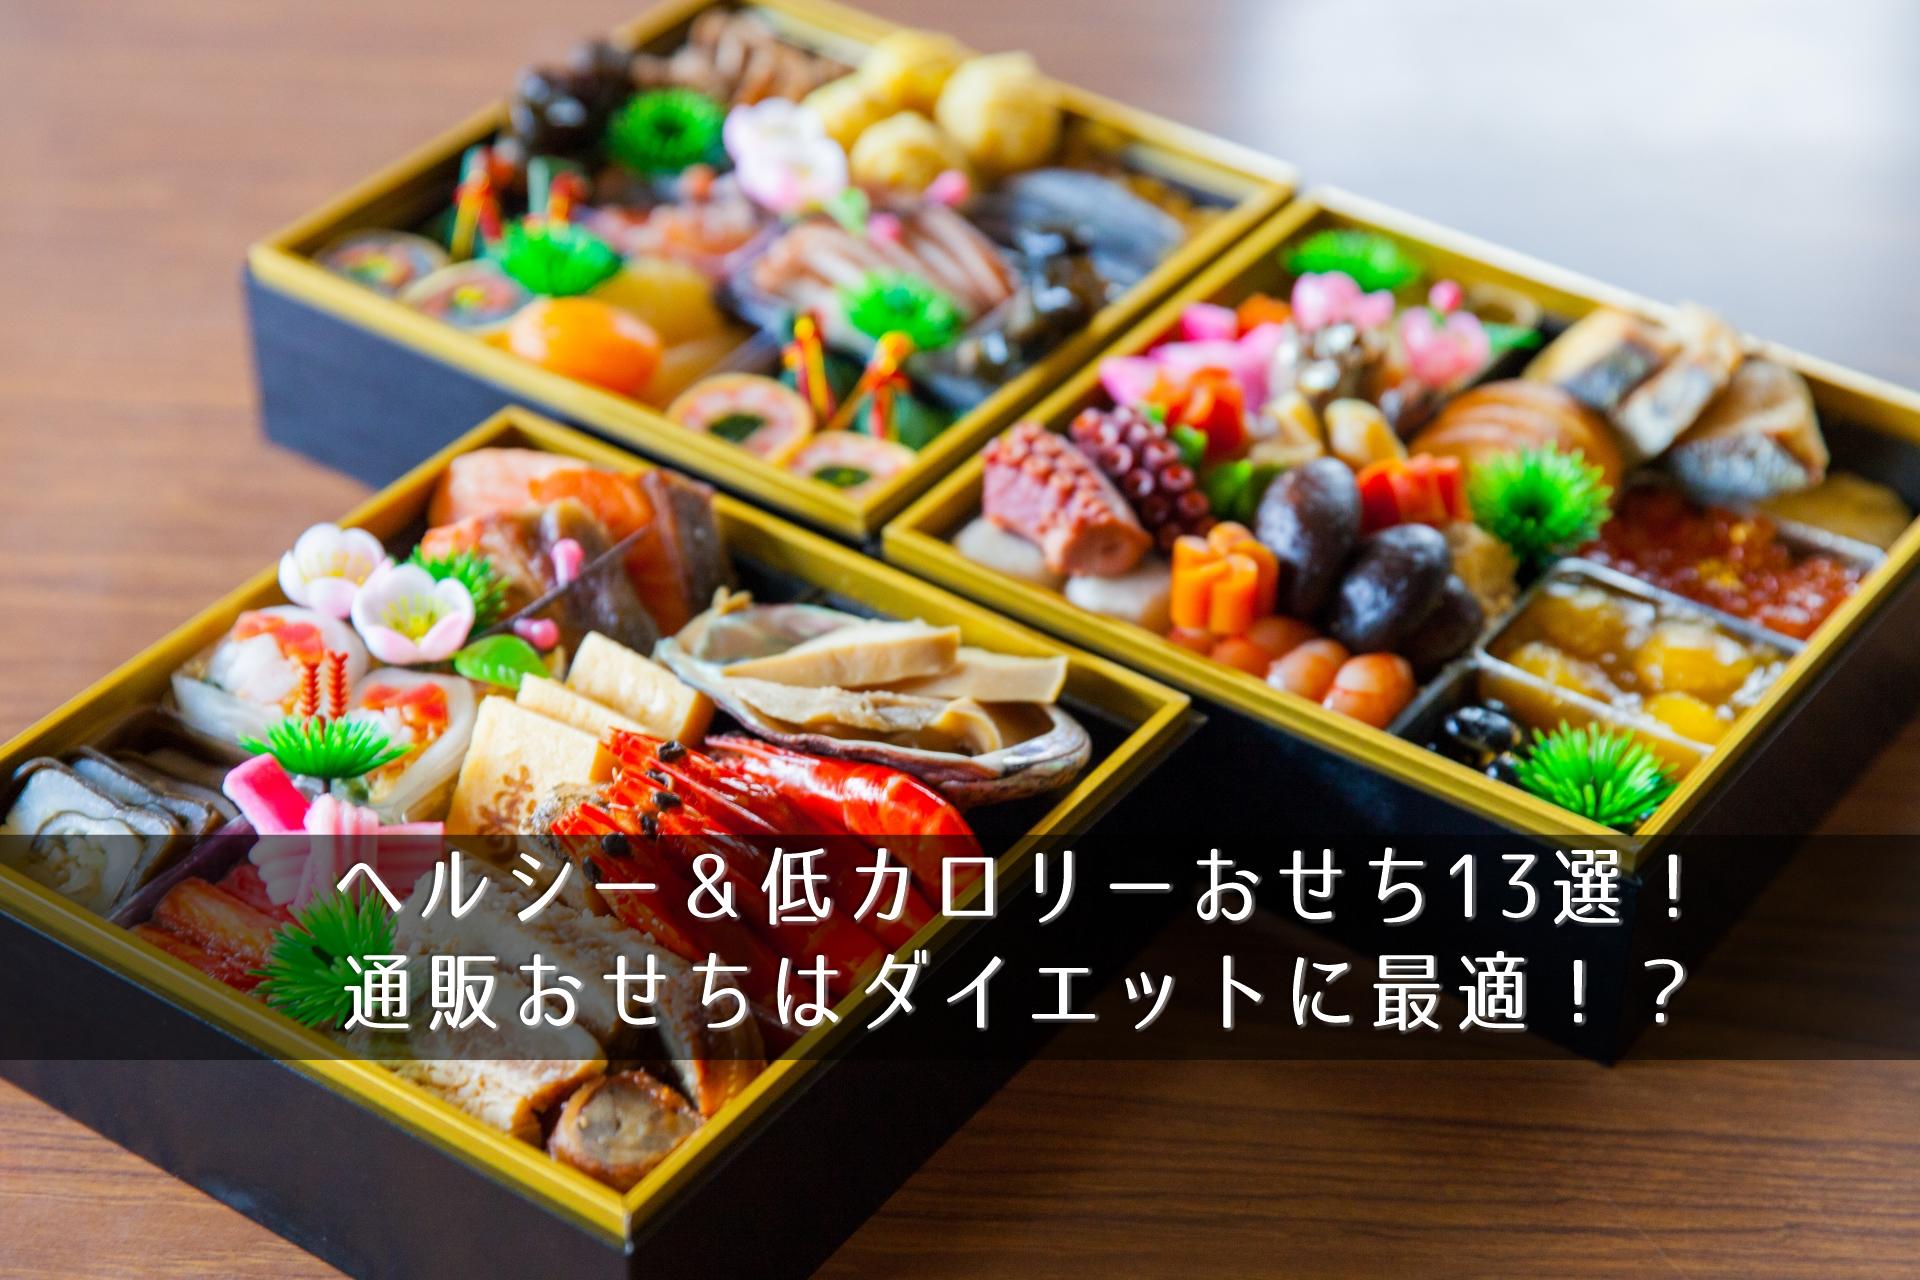 【2018】ヘルシー&低カロリーおせち13選!通販おせちはダイエットに最適!?